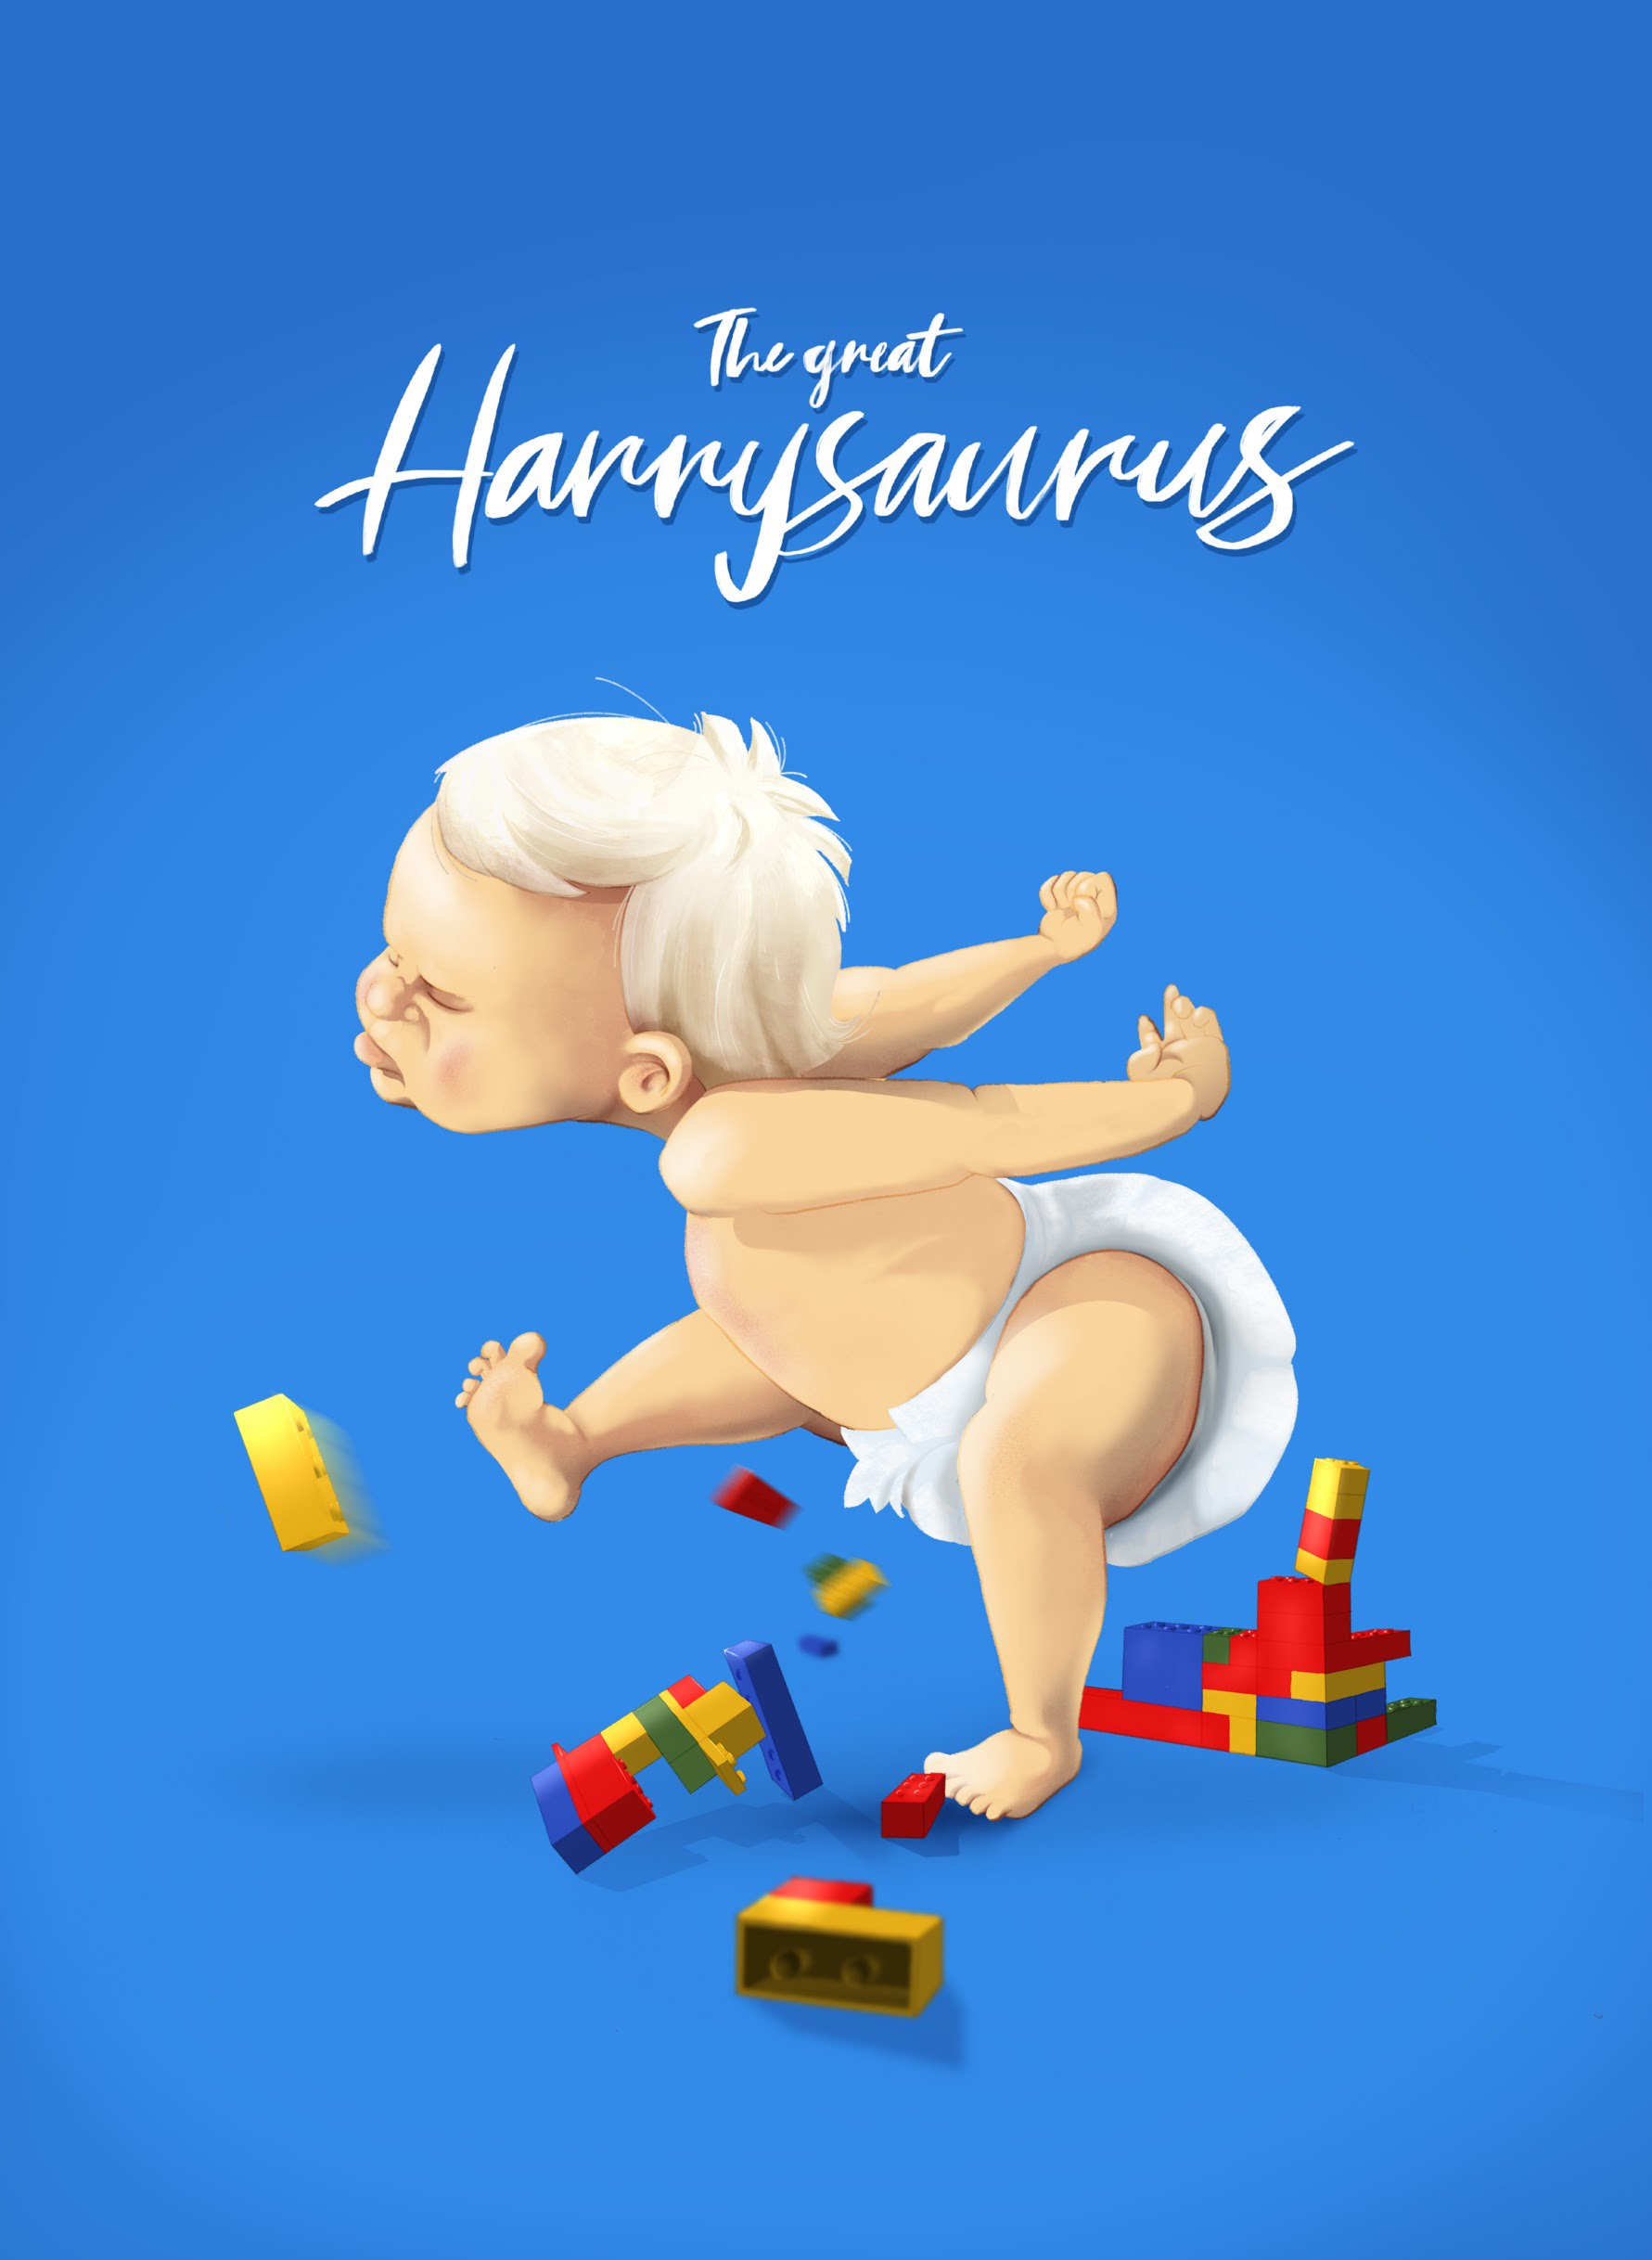 The great Harrysaurus